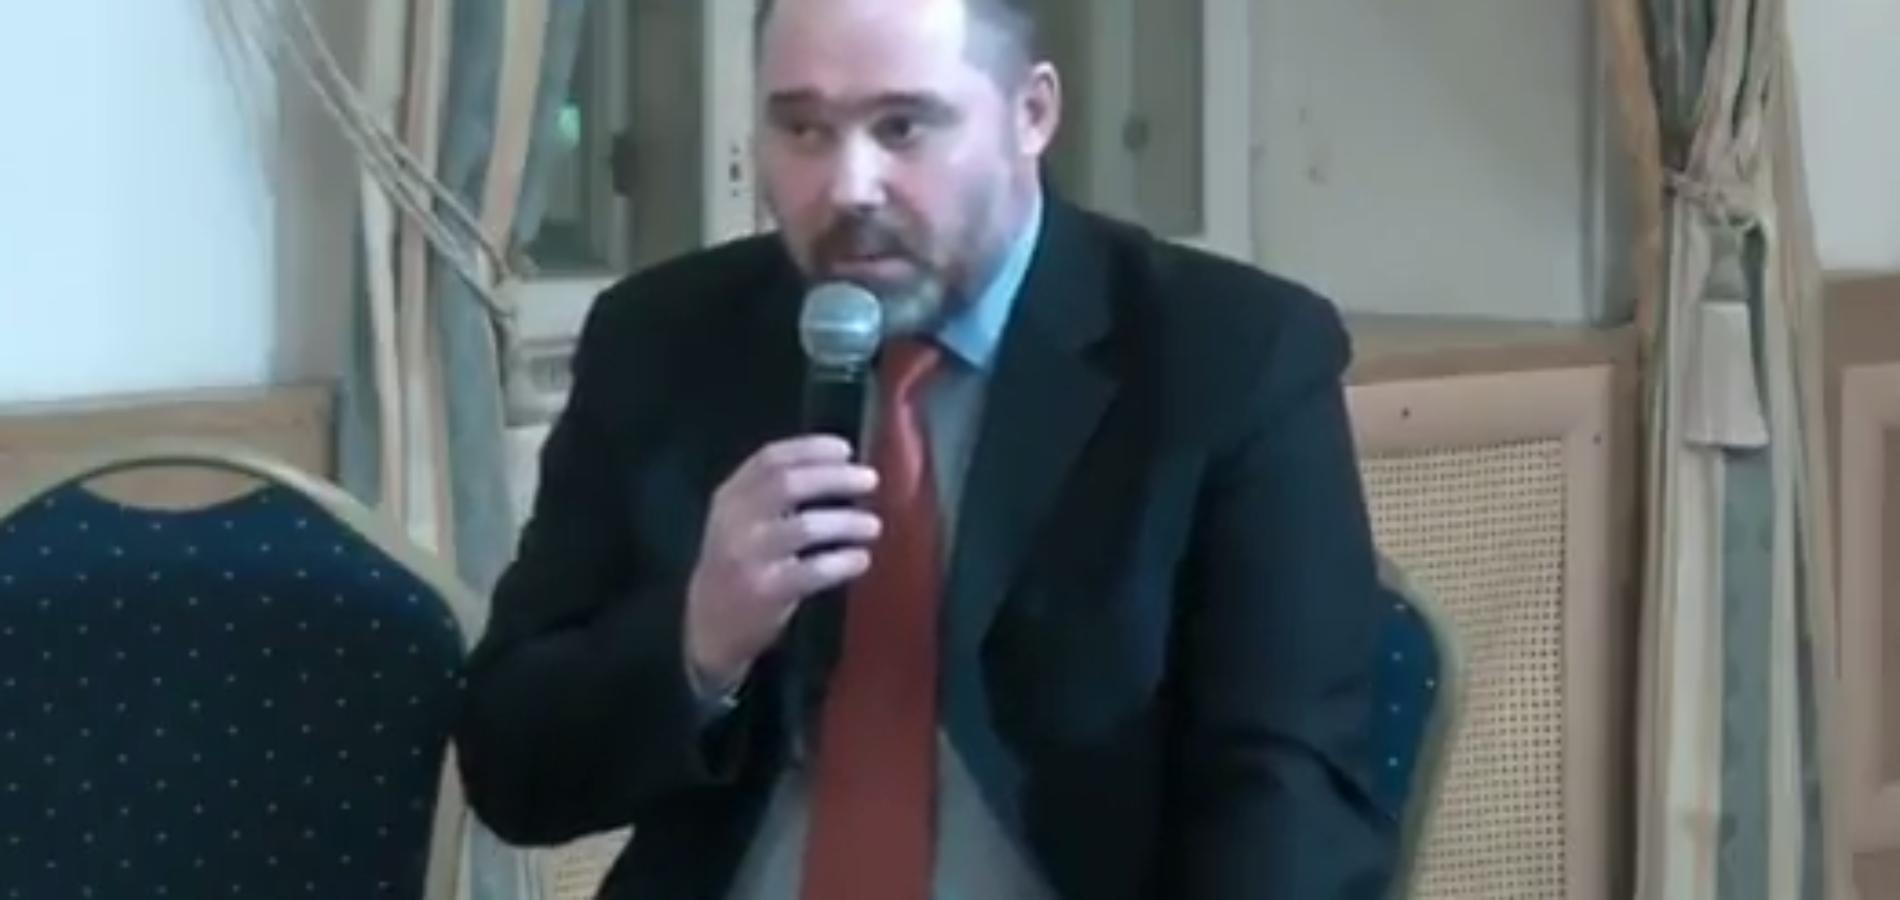 Выступление Дмитрия Чистилина на заседании Столыпинского клуба 26 декабря 2017 года